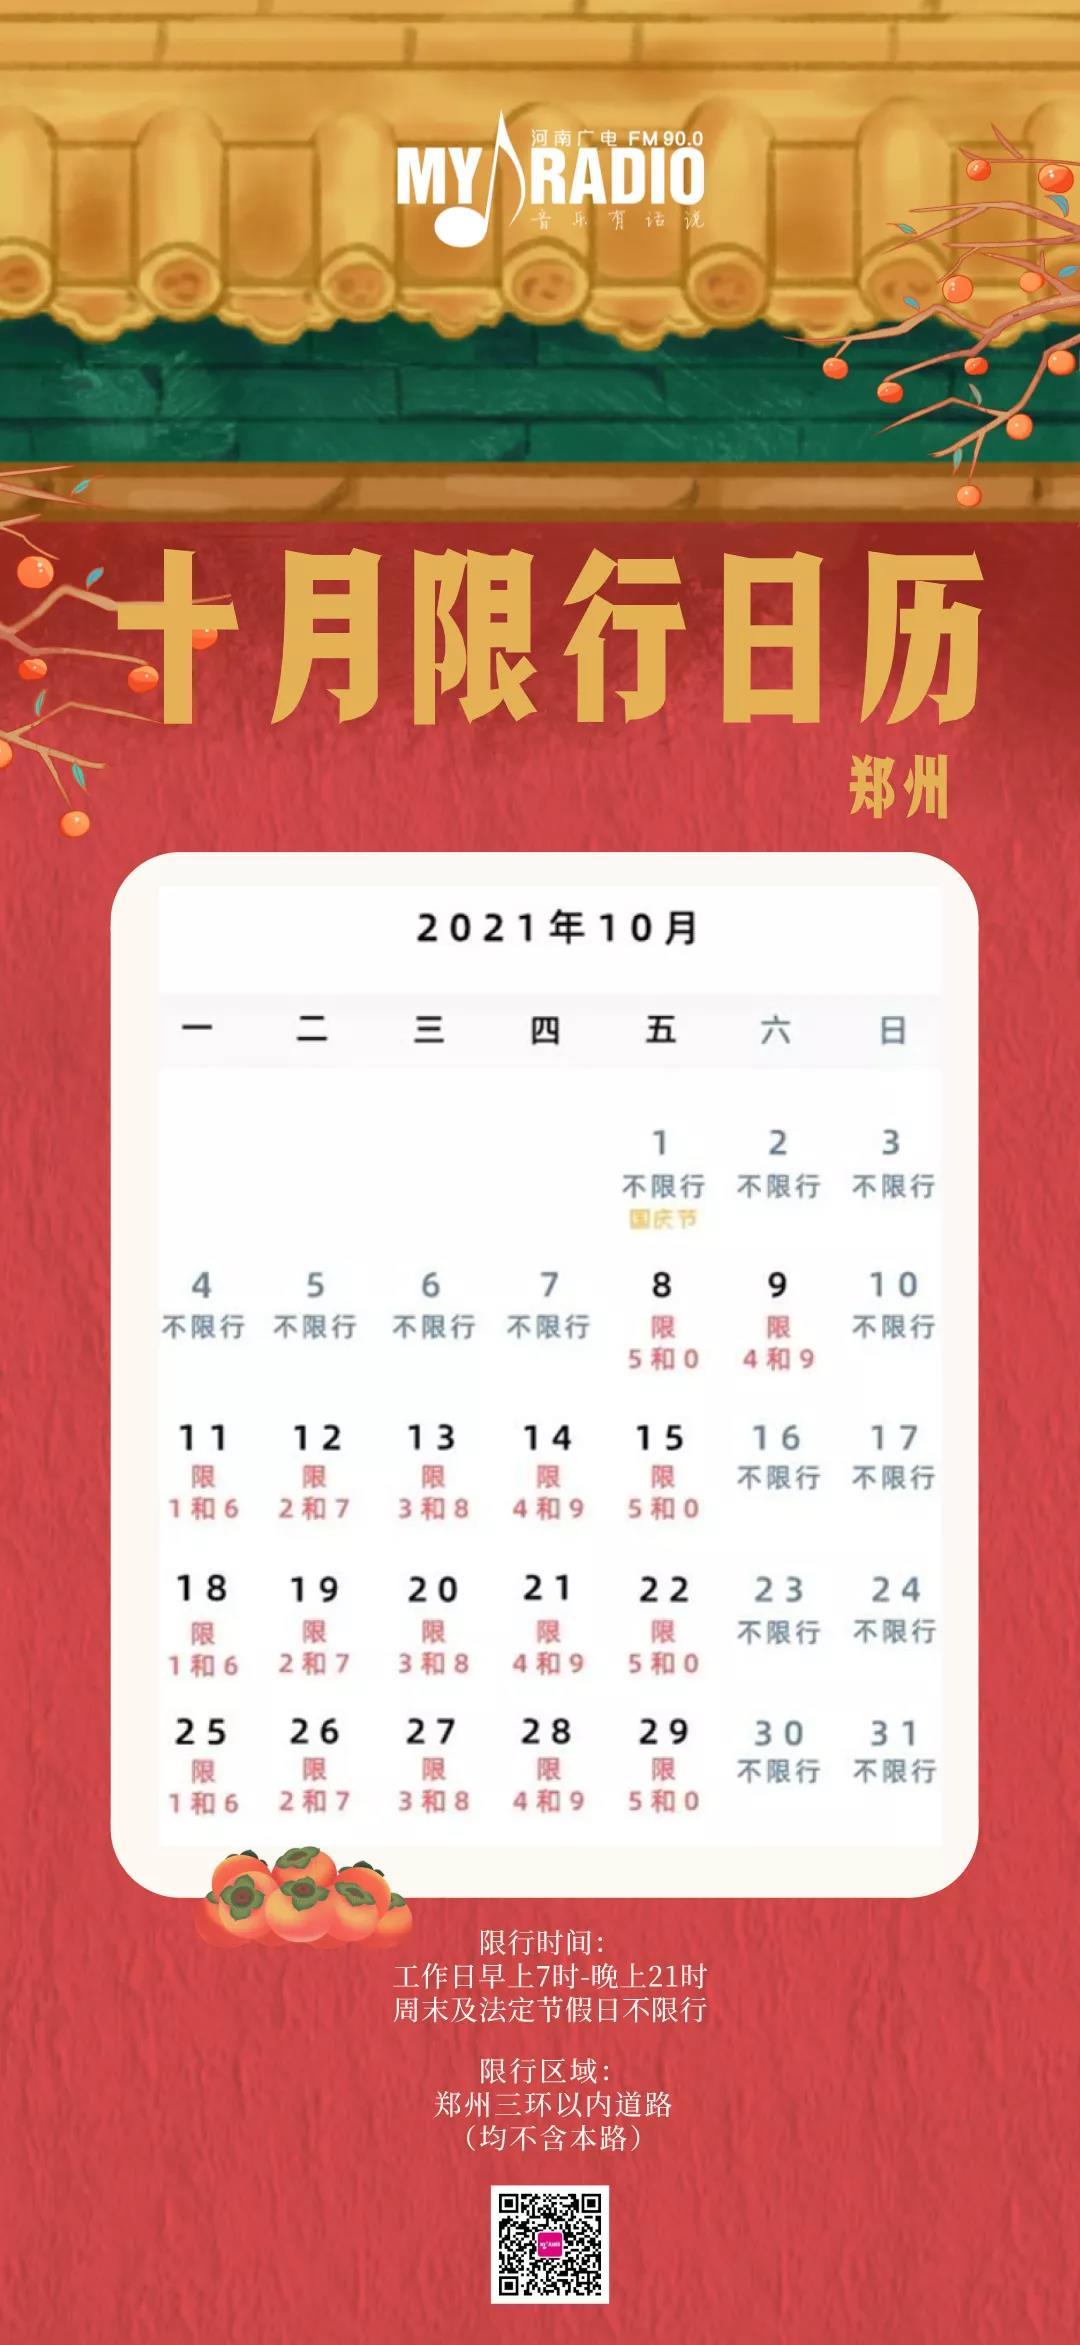 2021年国庆假期郑州不限行 附10月限行日历